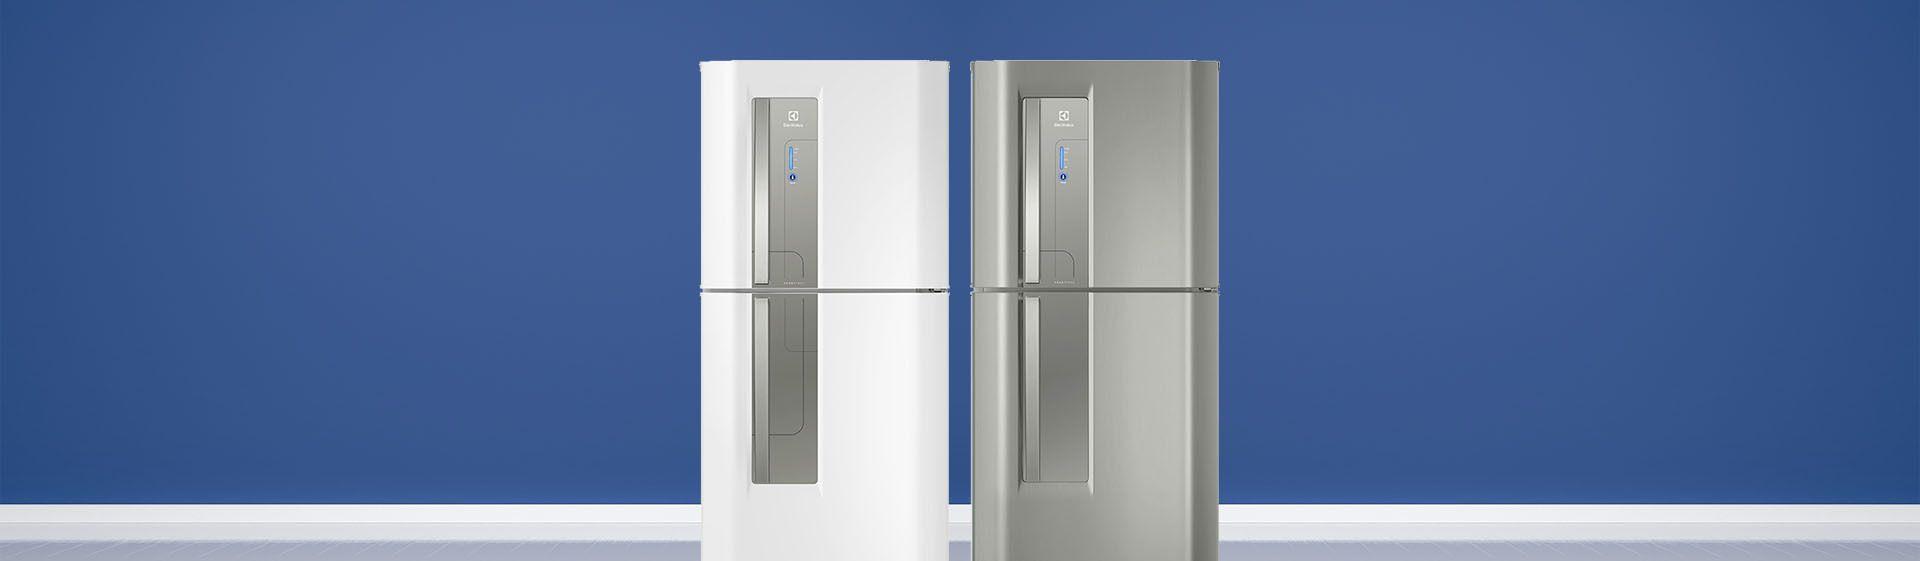 Electrolux TF42 e TF42S: análise da geladeira, com versão em branco e inox